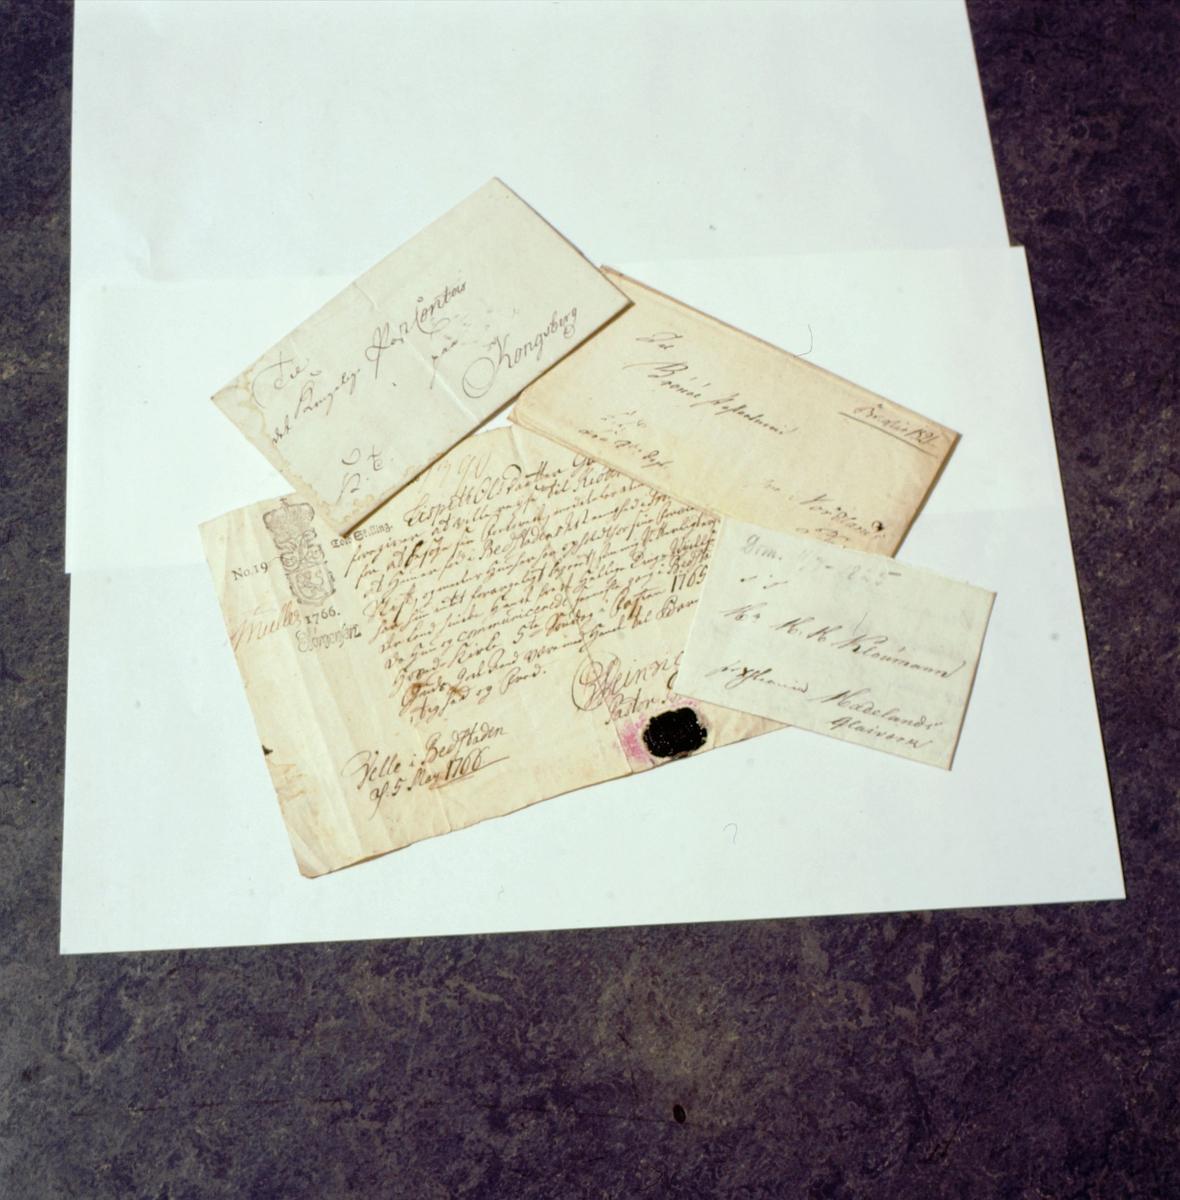 postmuseet, Kirkegata 20, brev, gamle håndskrevne brev og konvolutter uten frimerker